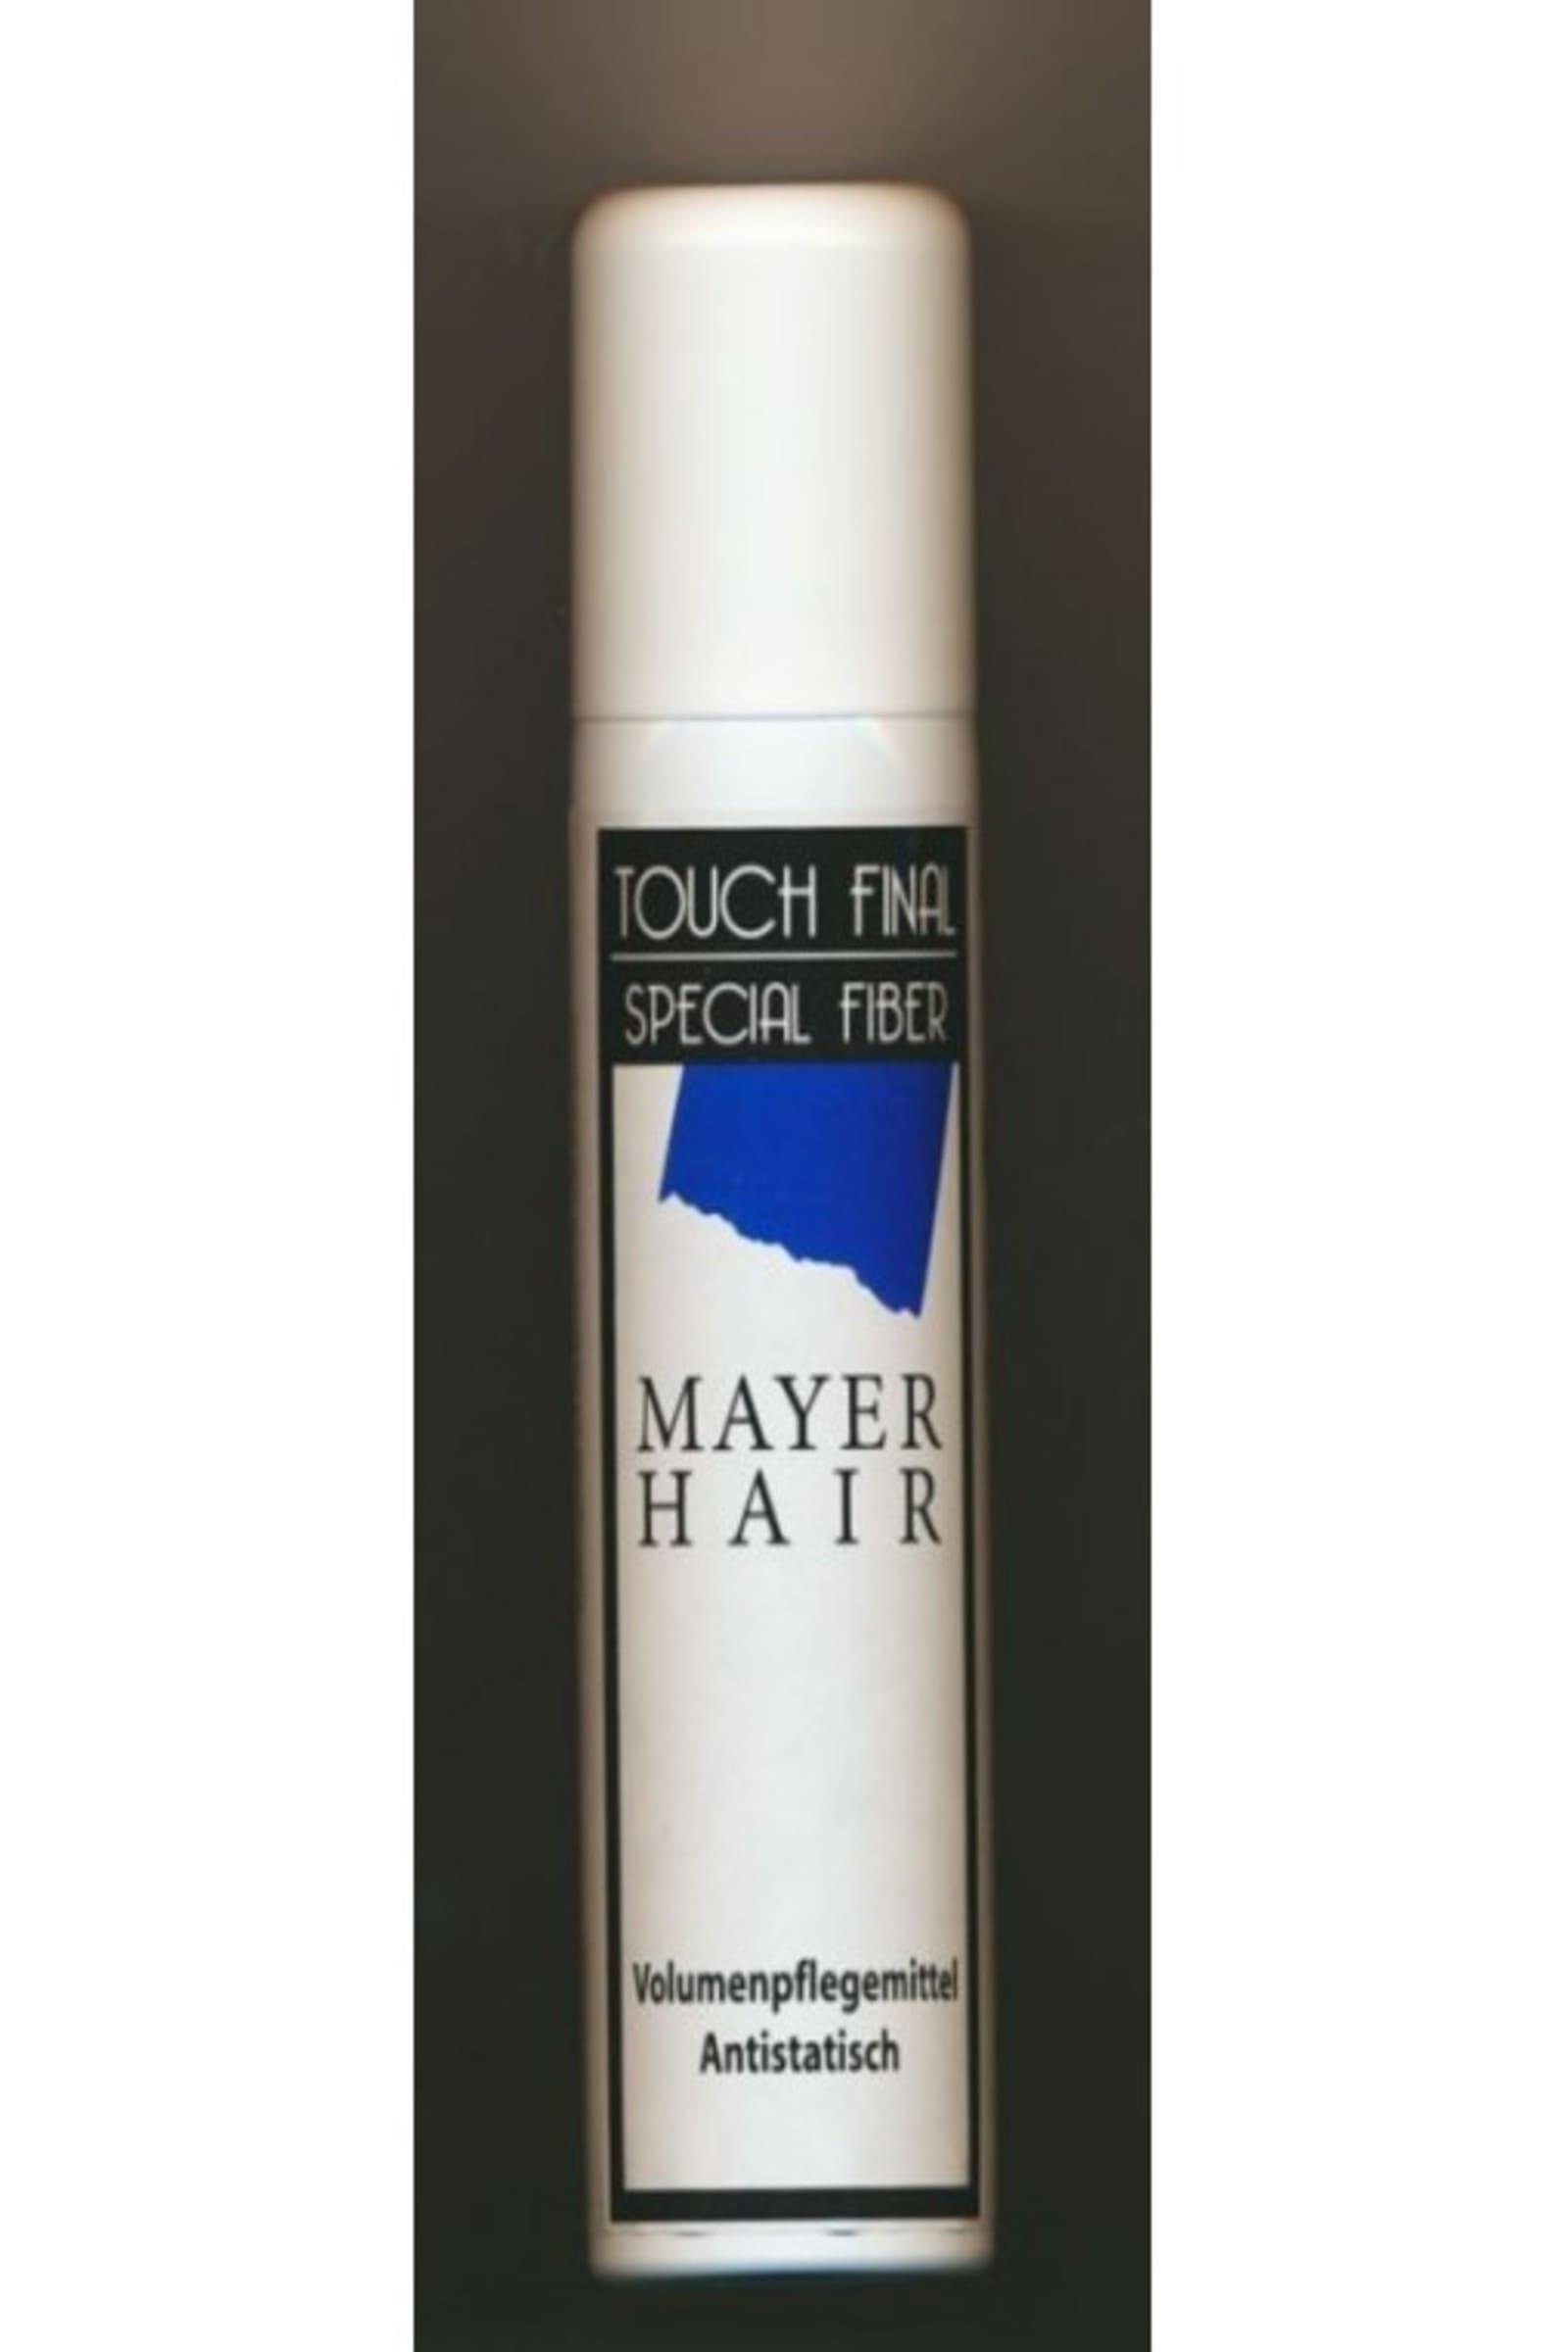 Gisela Mayer - Touch Final Volumenpflegemittel 125 ml